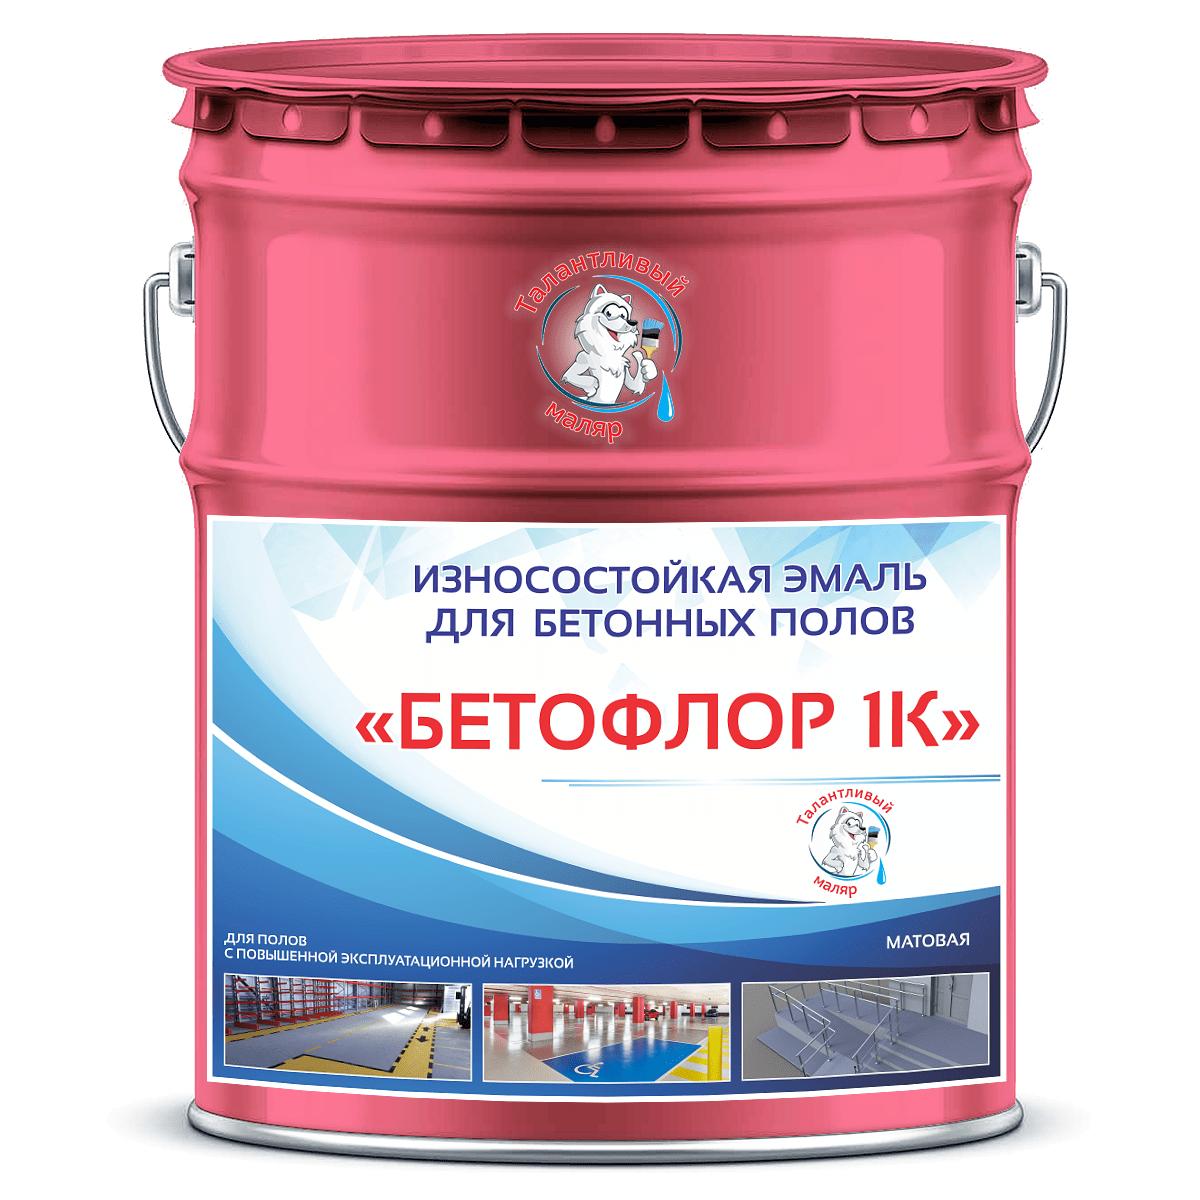 """Фото 6 - BF3017 Эмаль для бетонных полов """"Бетофлор"""" 1К цвет RAL 3017 Розовый, матовая износостойкая, 25 кг """"Талантливый Маляр""""25 кг."""